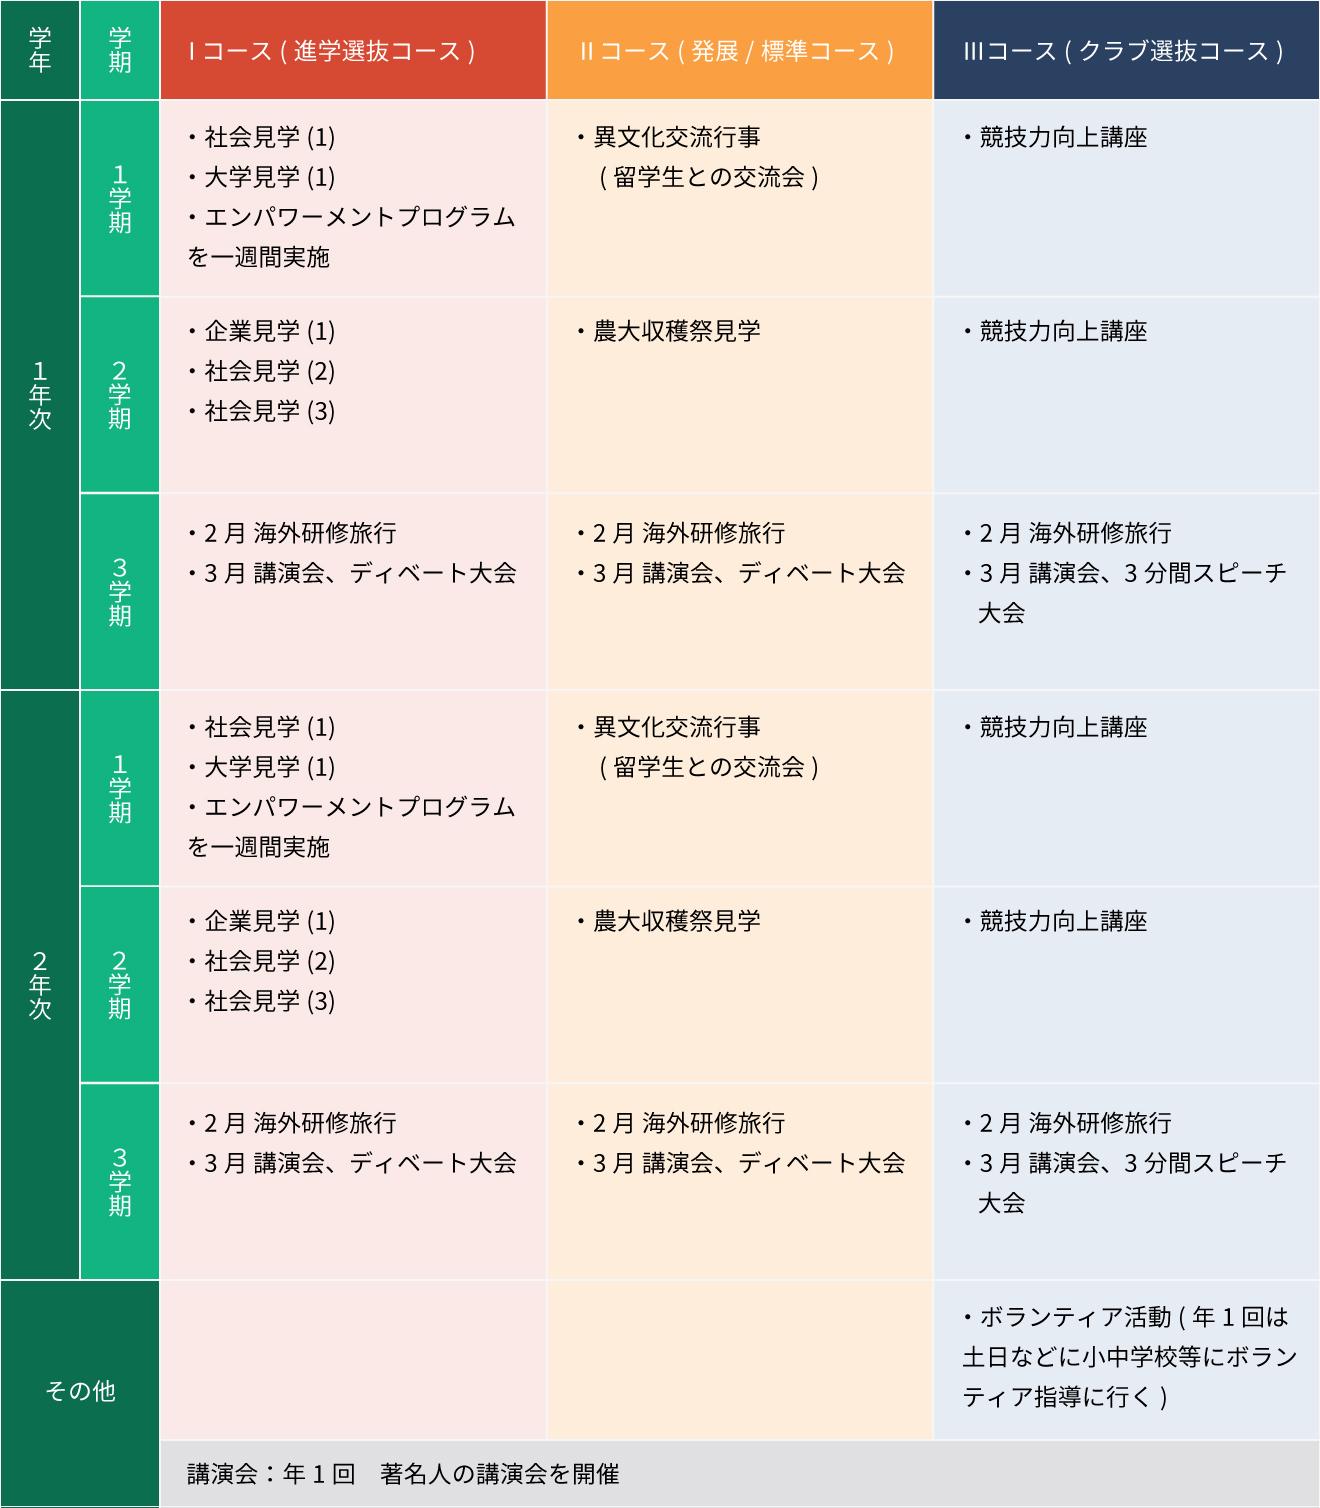 総合学習プログラム